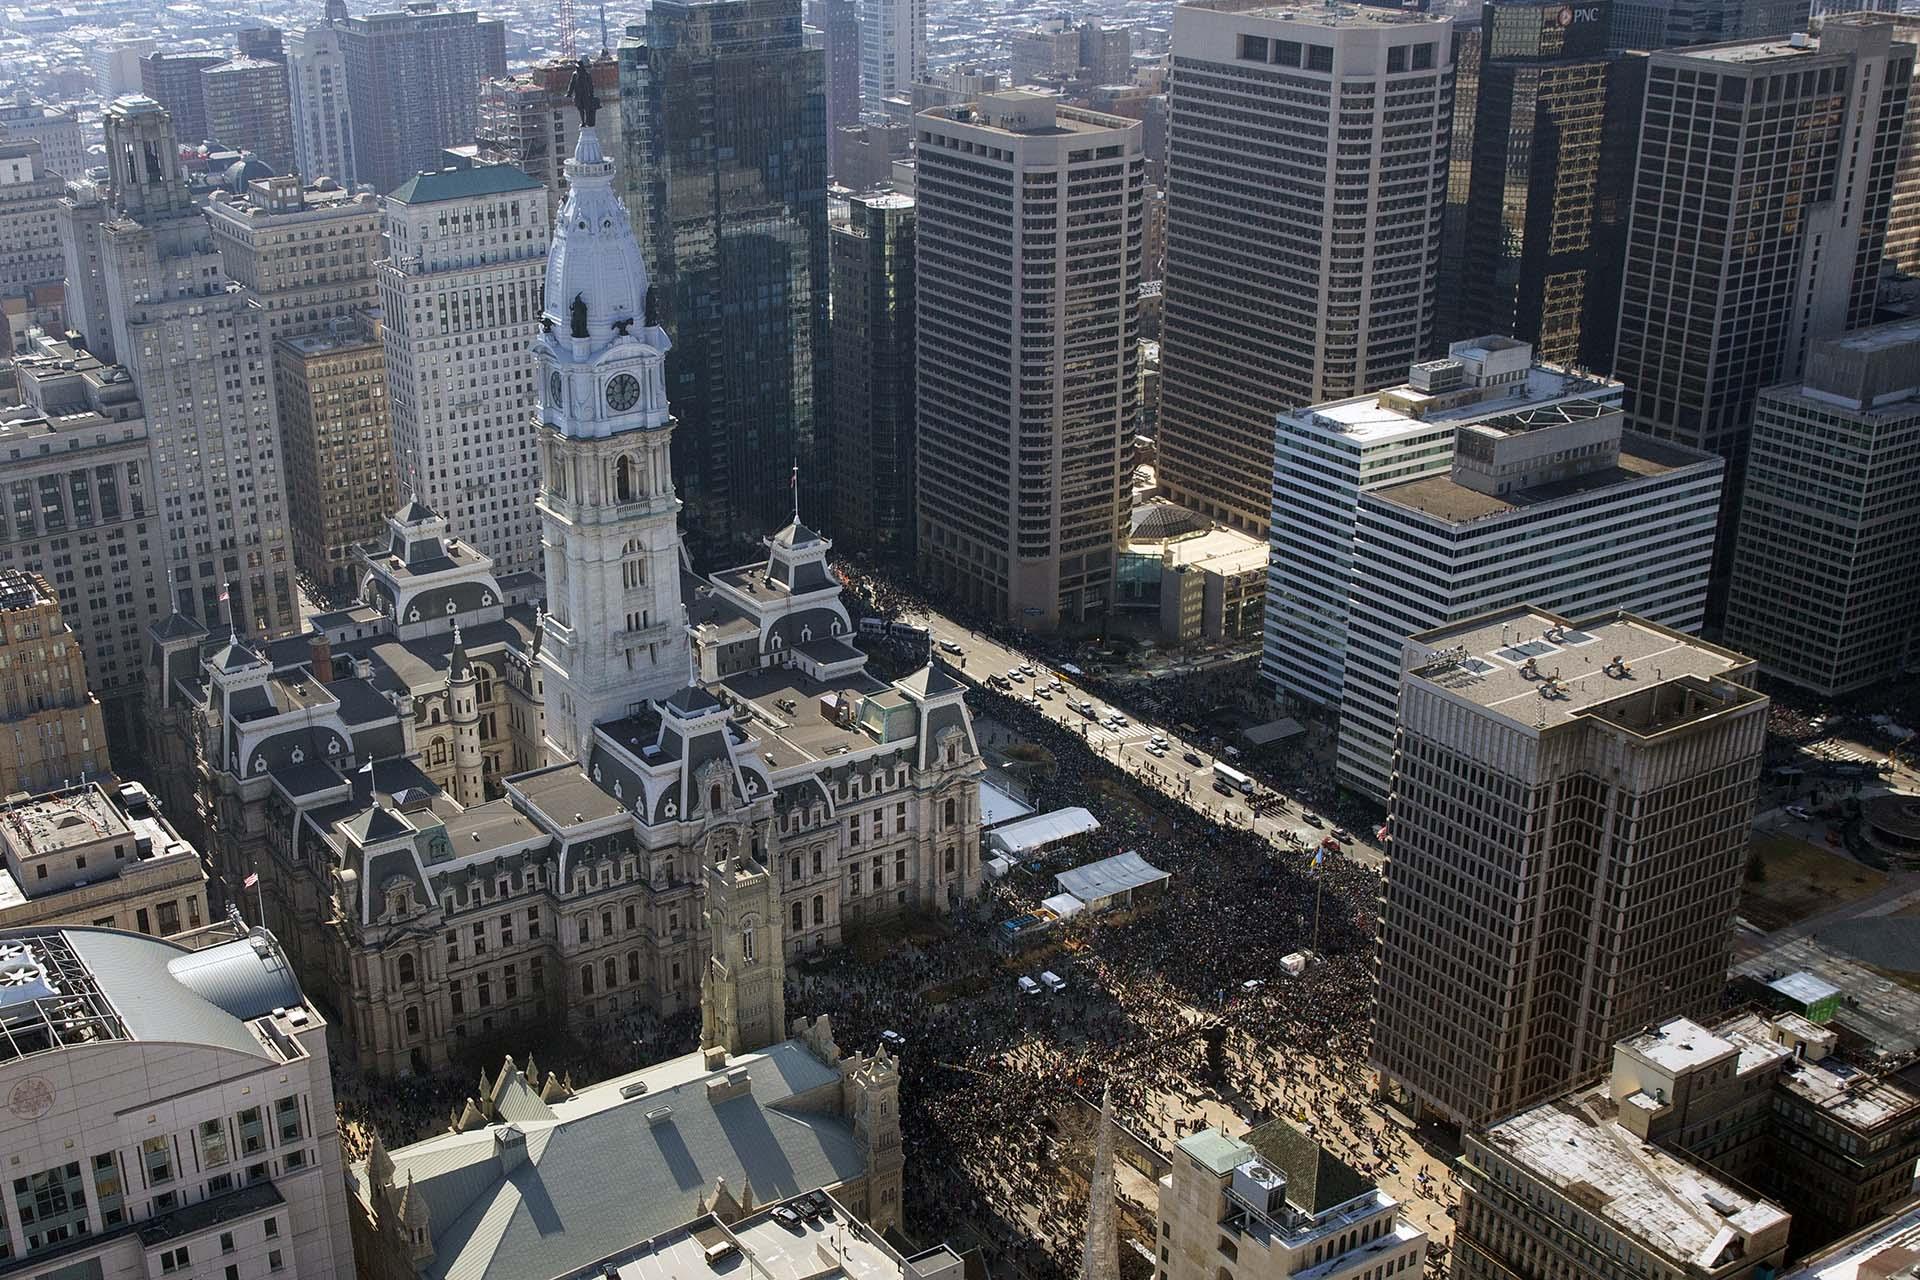 El cierre de escuelas, museos, tribunales, oficinas de gobierno e incluso el zoológico de Filadelfia fueron cerrados para que la ciudad pudiese celebrar el gran triunfo sorpresa que consiguió el equipo